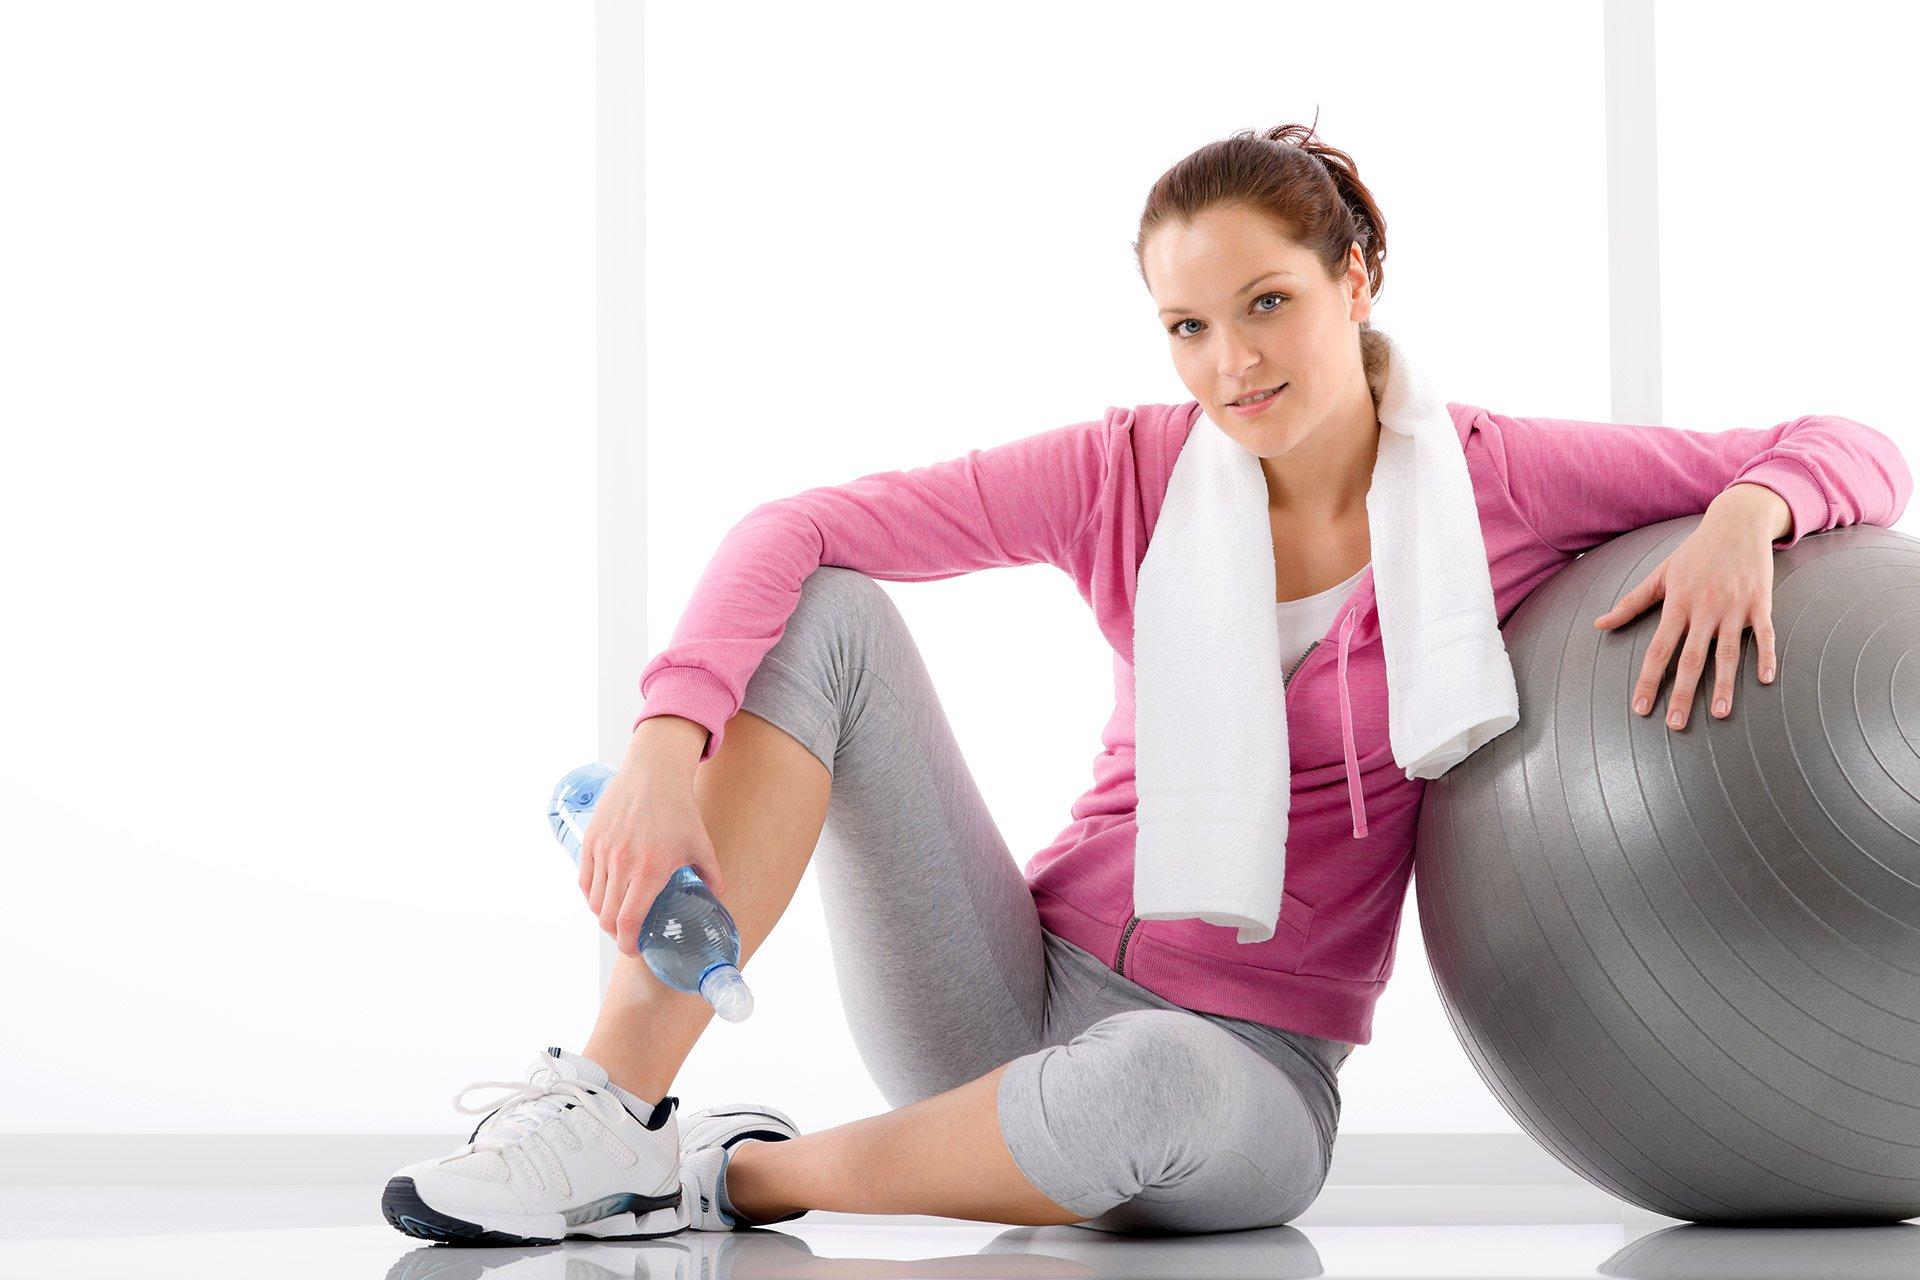 fare sport con il ciclo mestruale - aliastore - aliablog - igiene intima